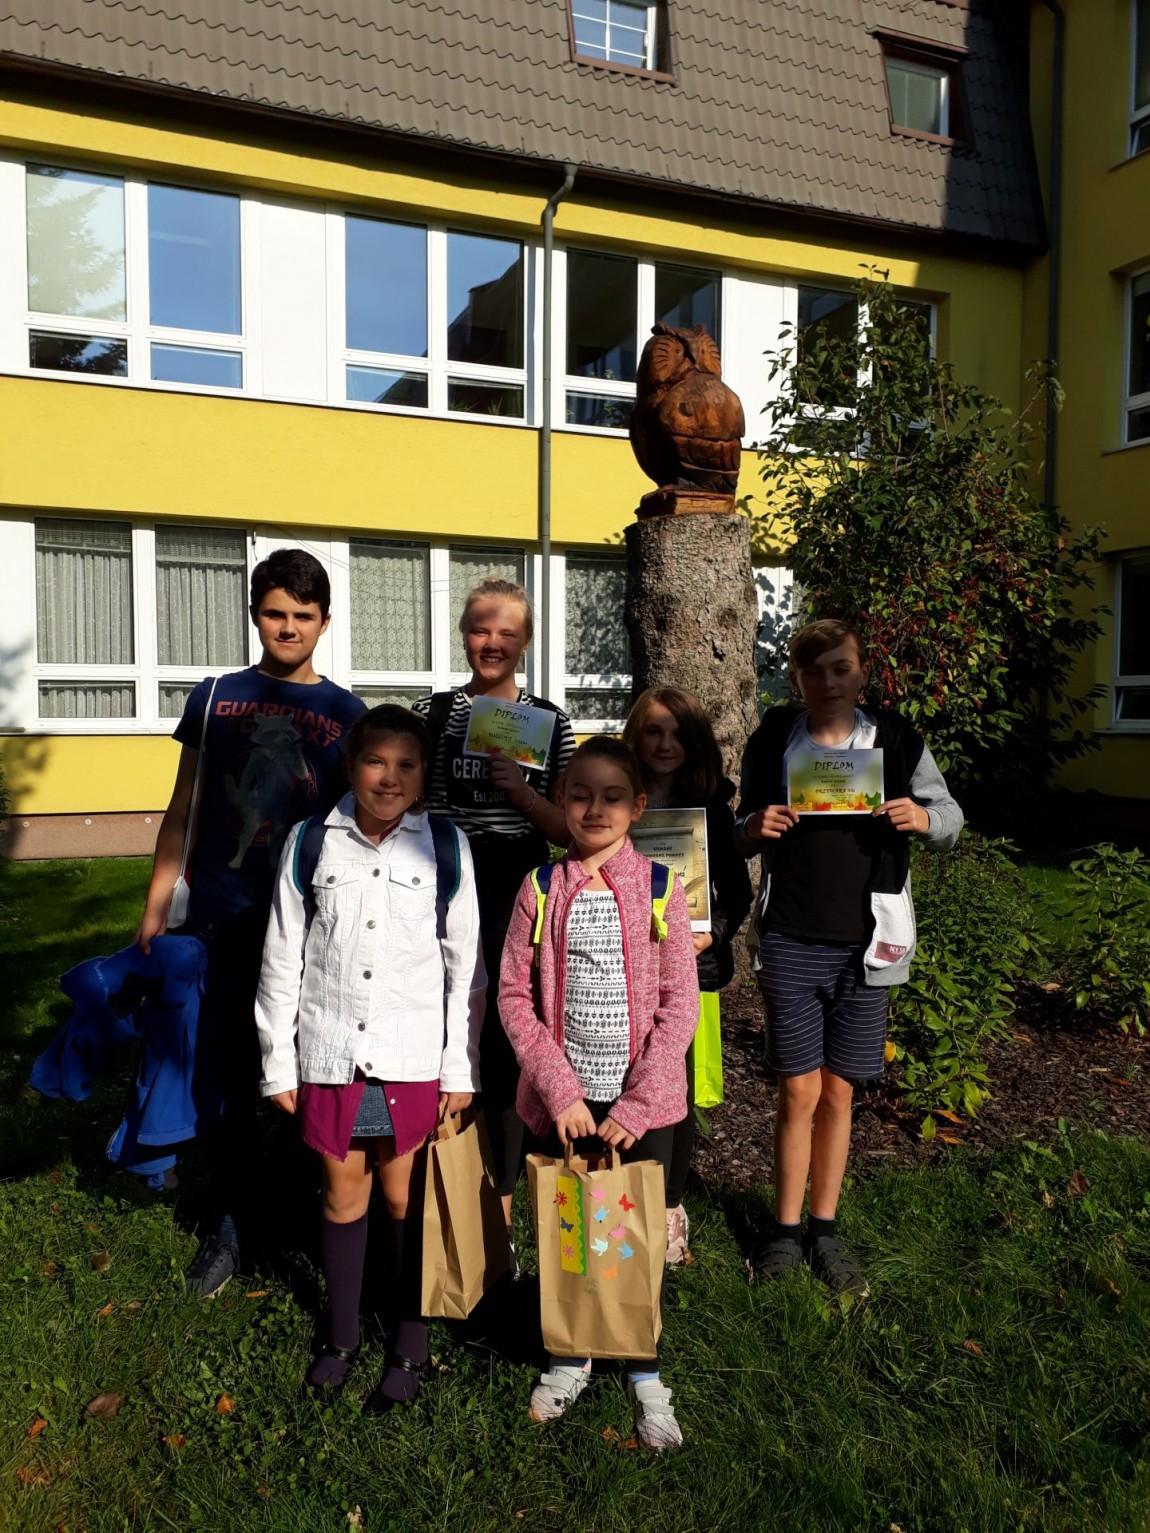 První místo v literární soutěži v Čeladné